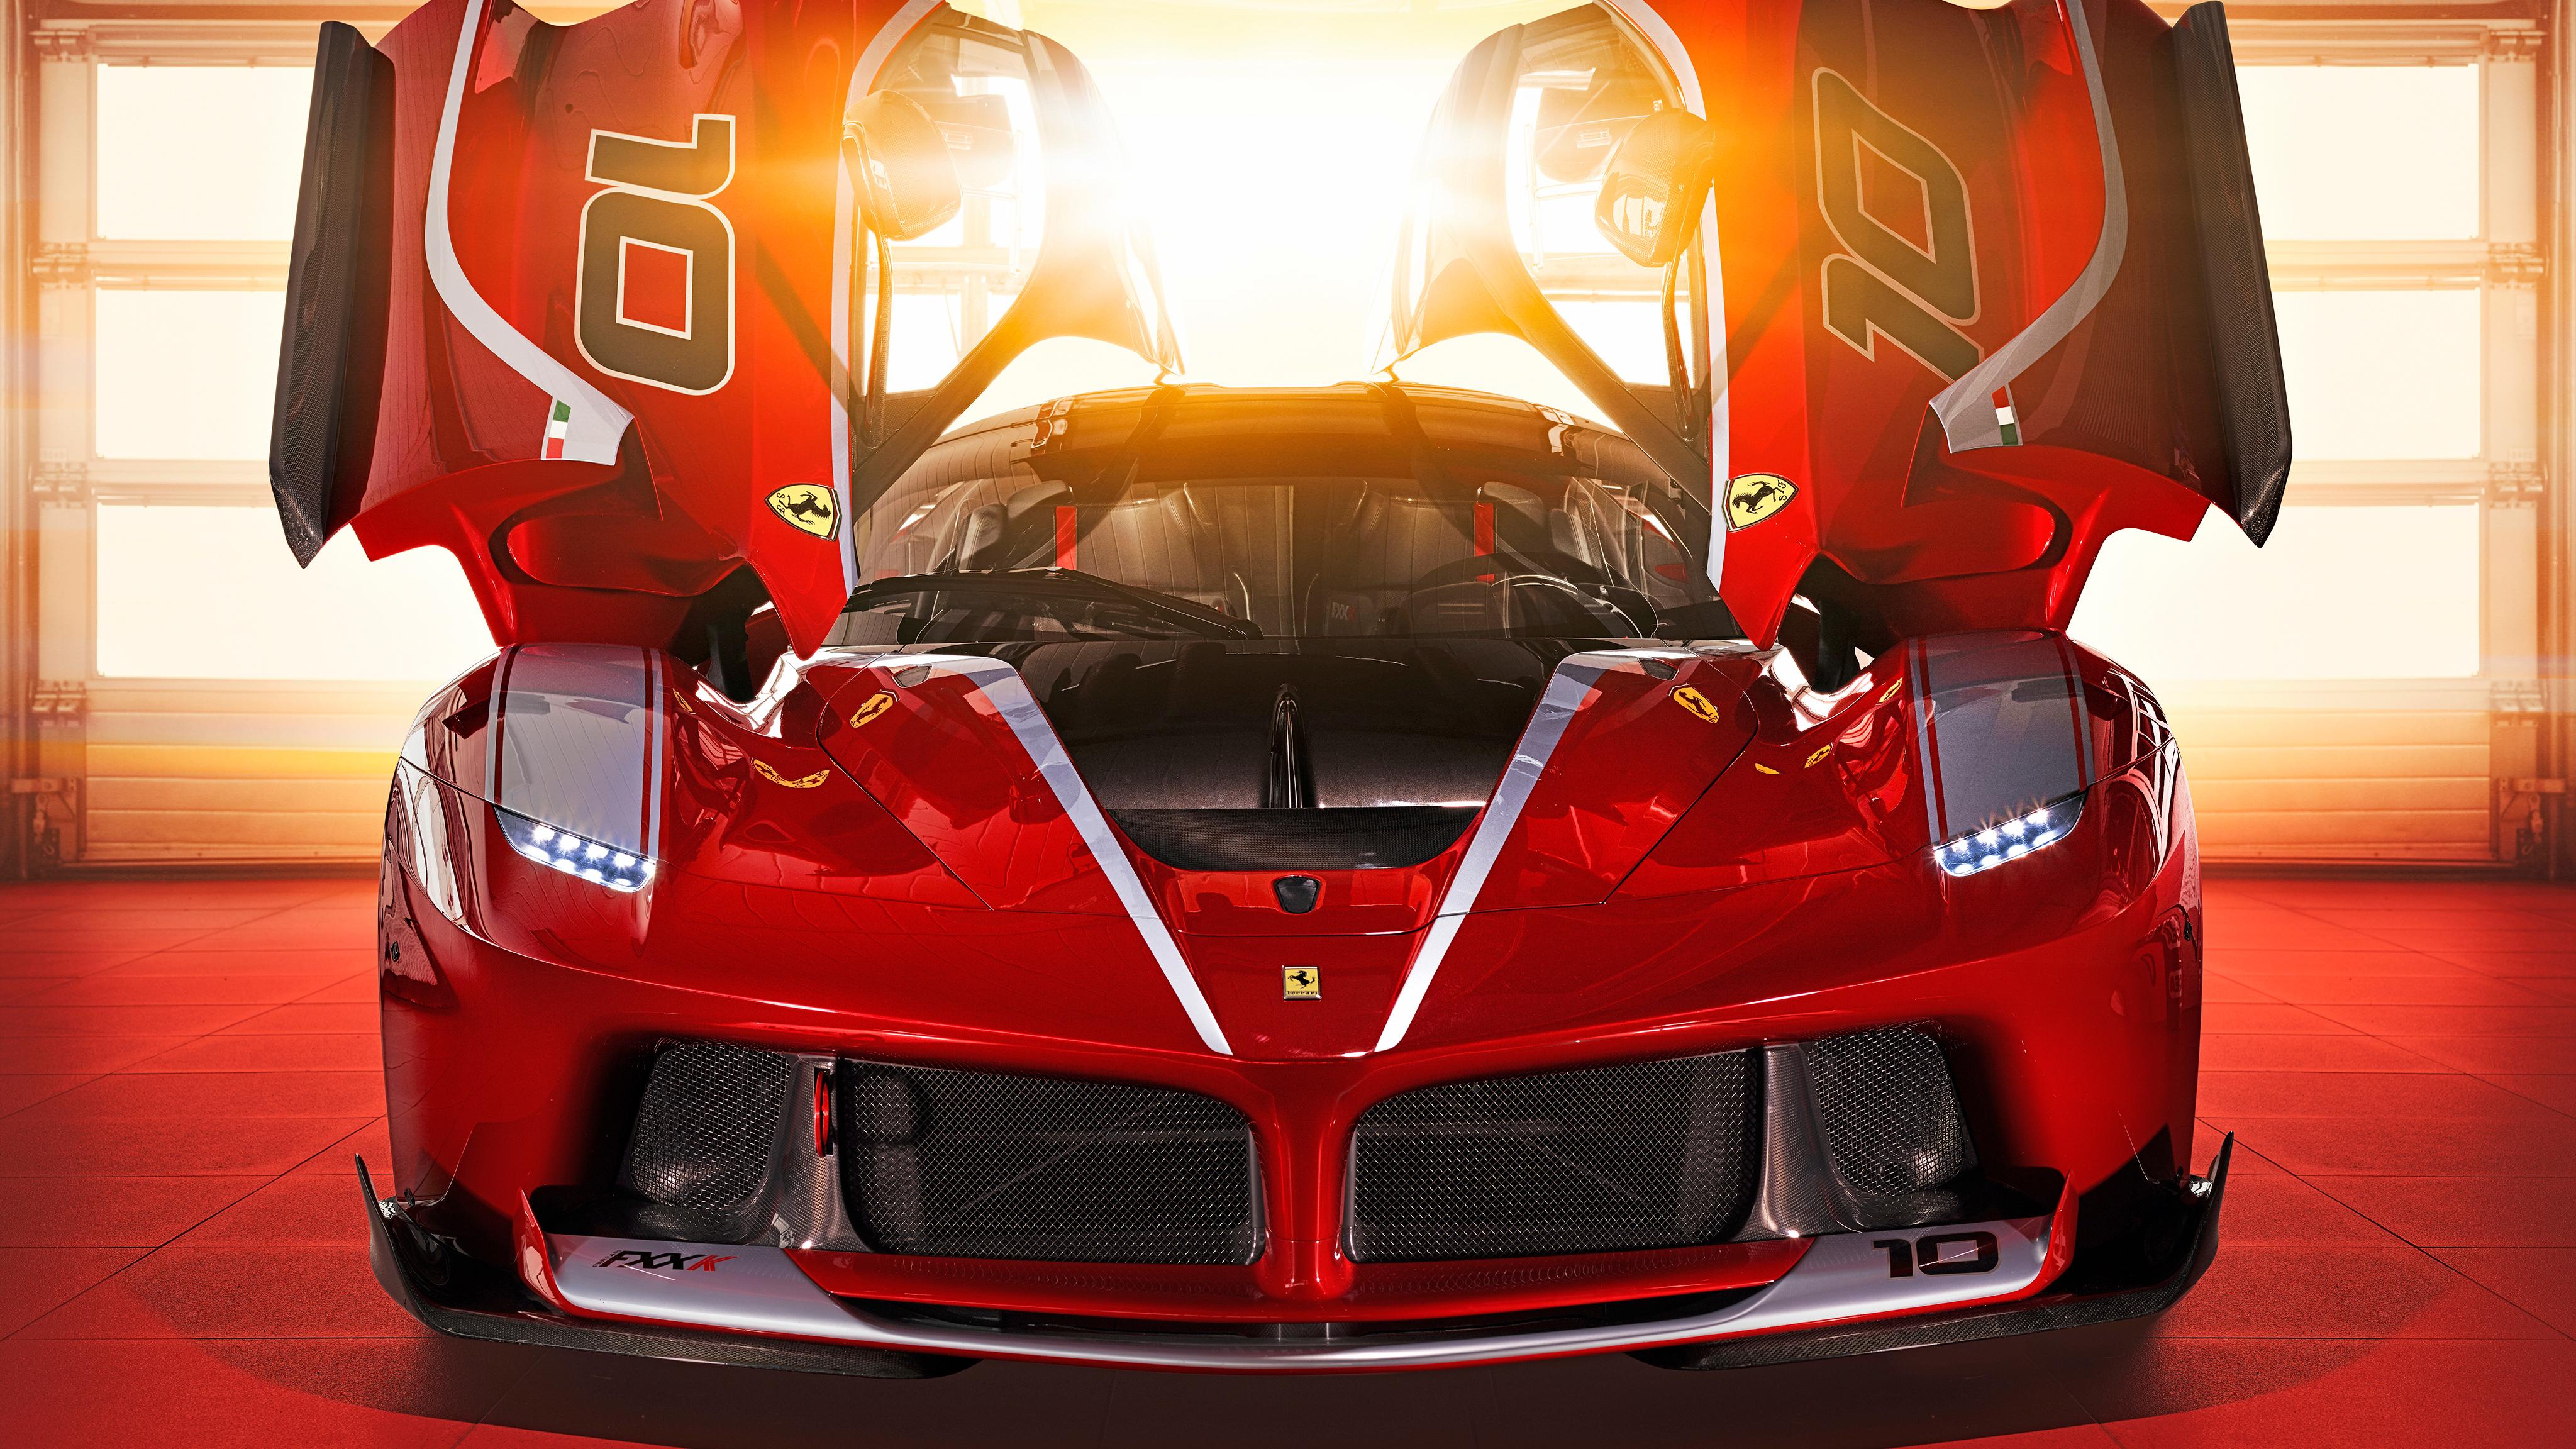 Ferrari 458 Italia Wallpaper Hd Ferrari Fxx K 4k Wallpaper Hd Car Wallpapers Id 9986